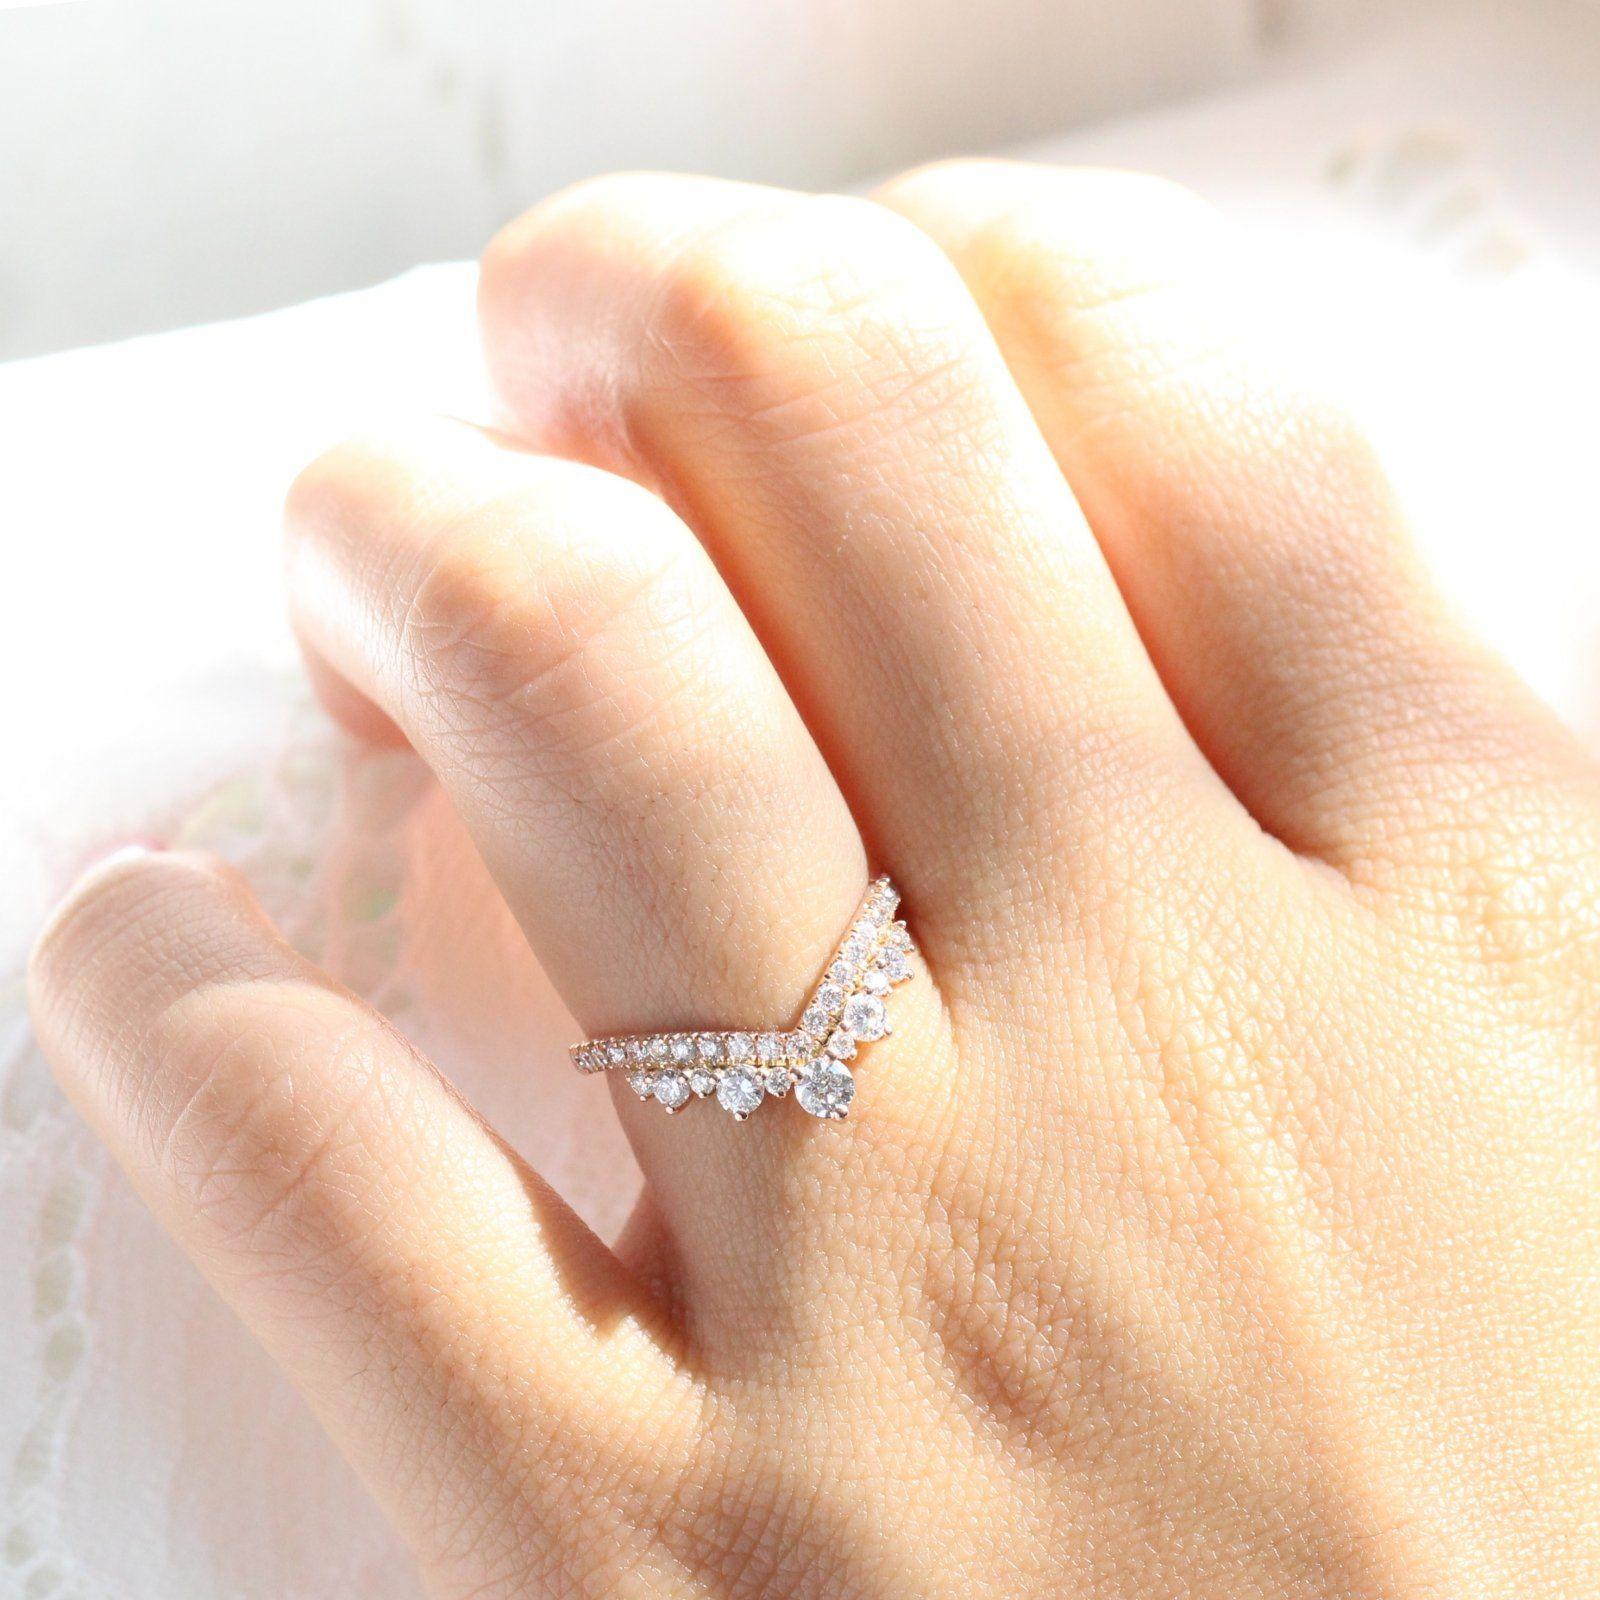 Large Tiara Diamond Ring In Rose Gold V Shaped Pave Band Large Diamond Band Pave Ring Band Curved Wedding Band